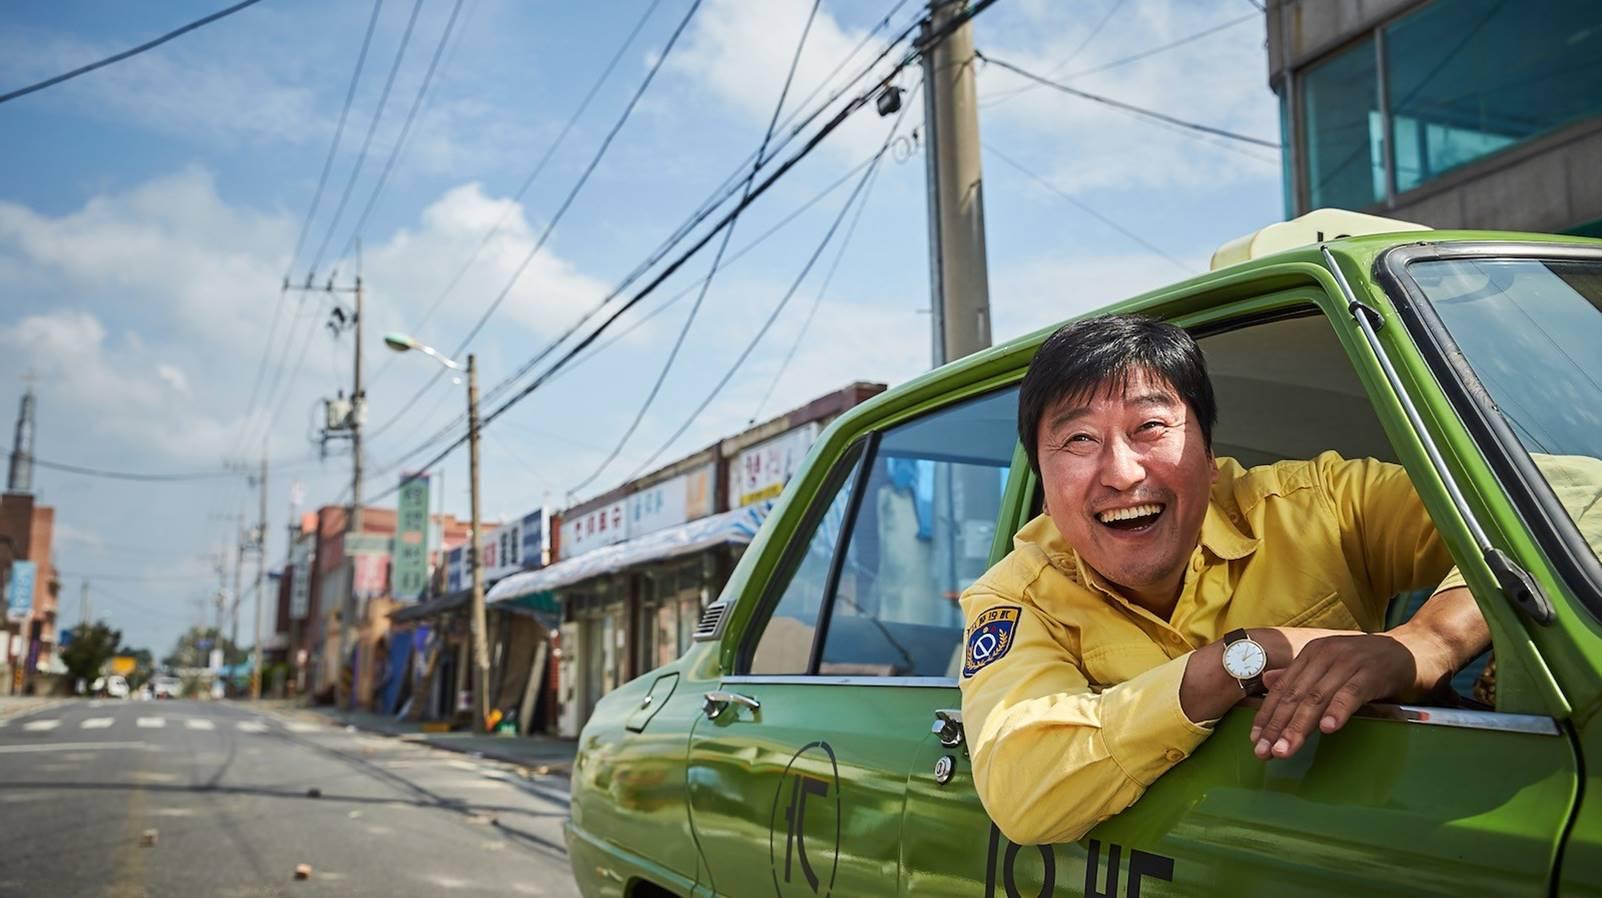 Filmoteca proyecta la premiada película sobre la masacre de estudiantes de Gwangju, A taxi driver